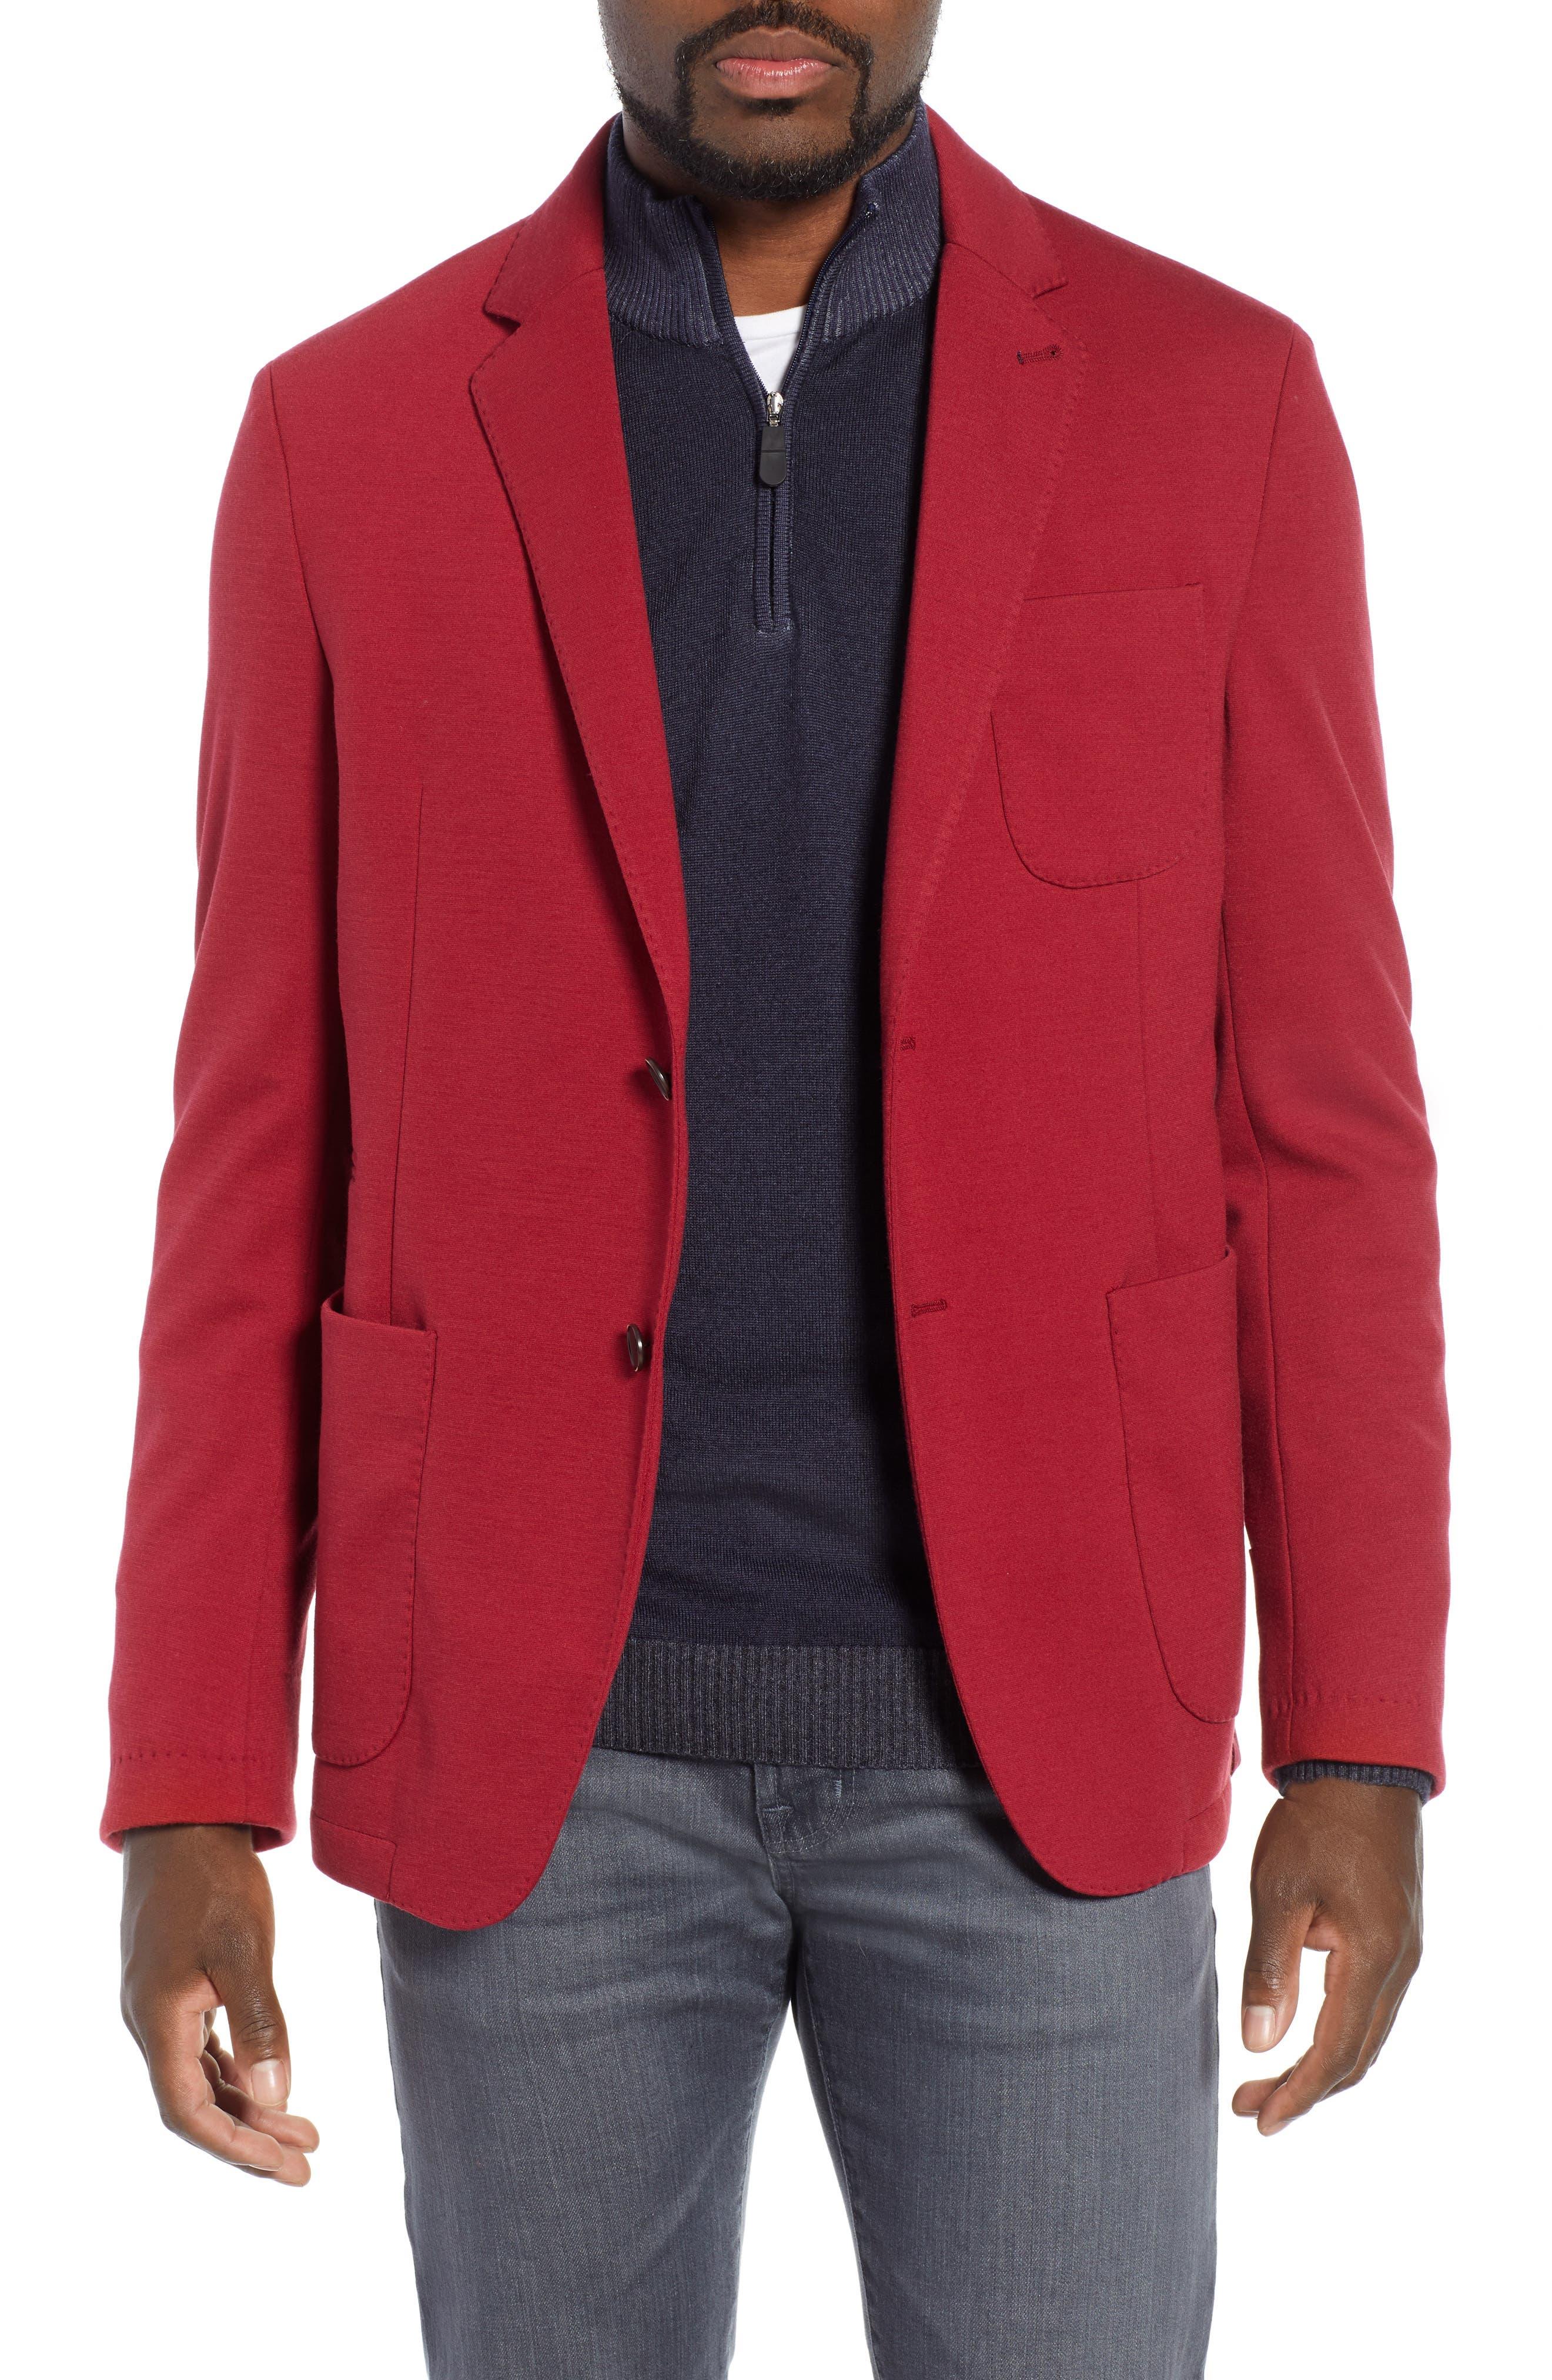 BUGATCHI Solid Sport Coat in Crimson